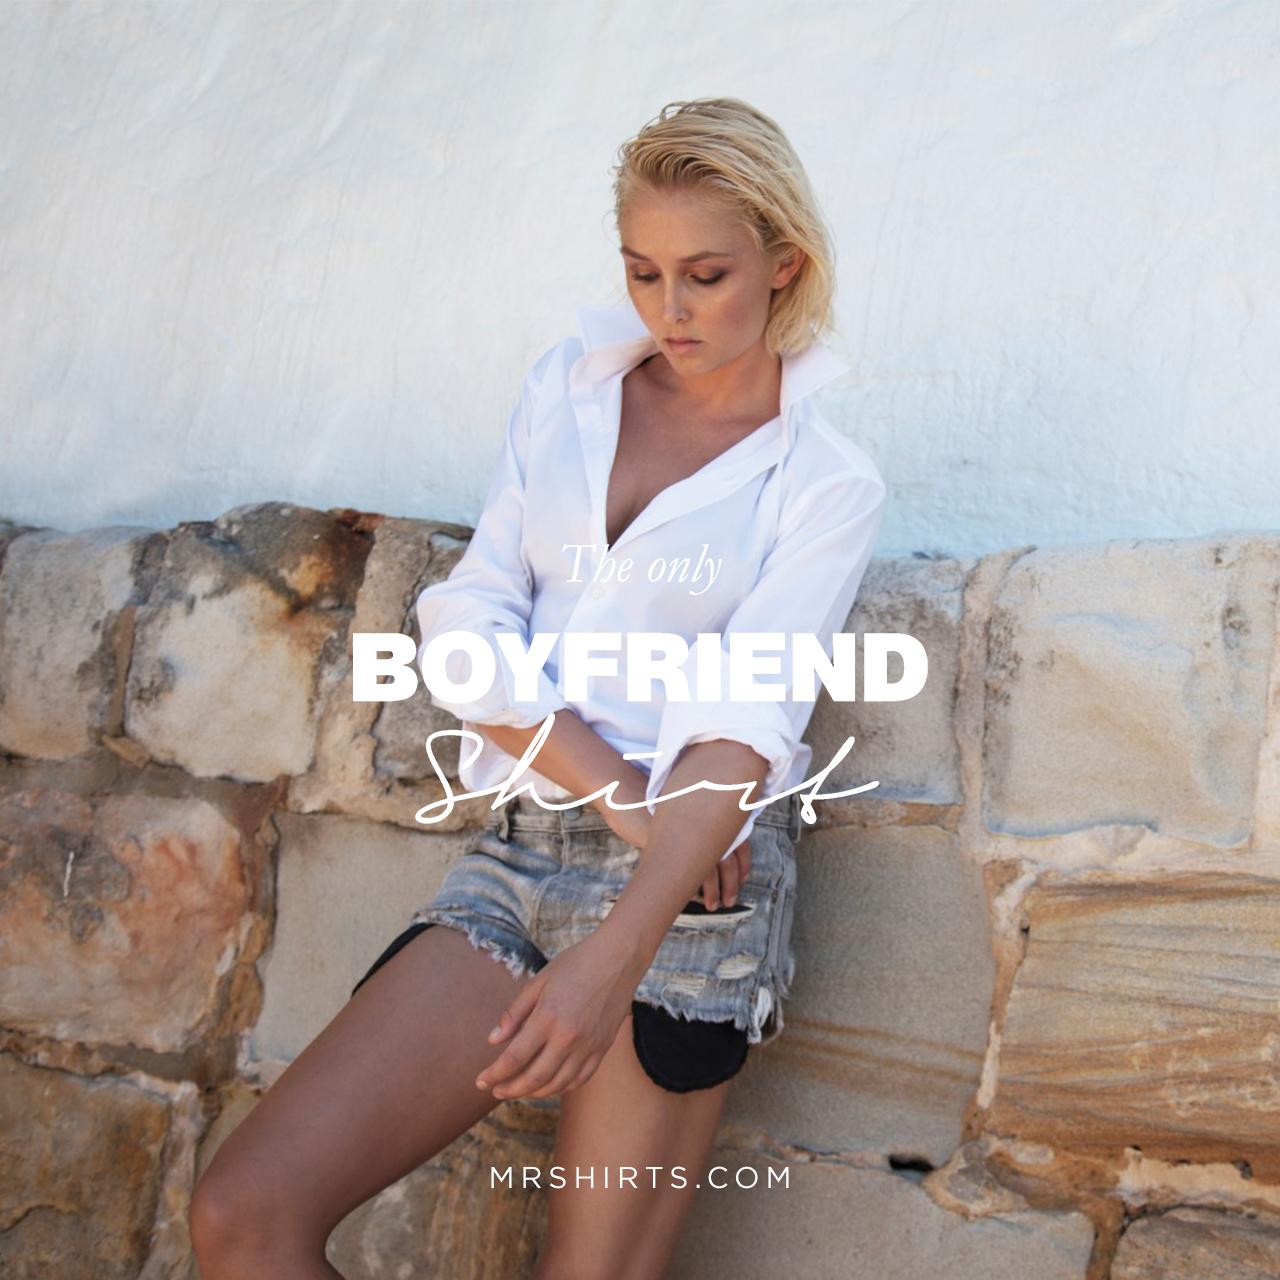 boyfriend-shirt-insta-5.jpg